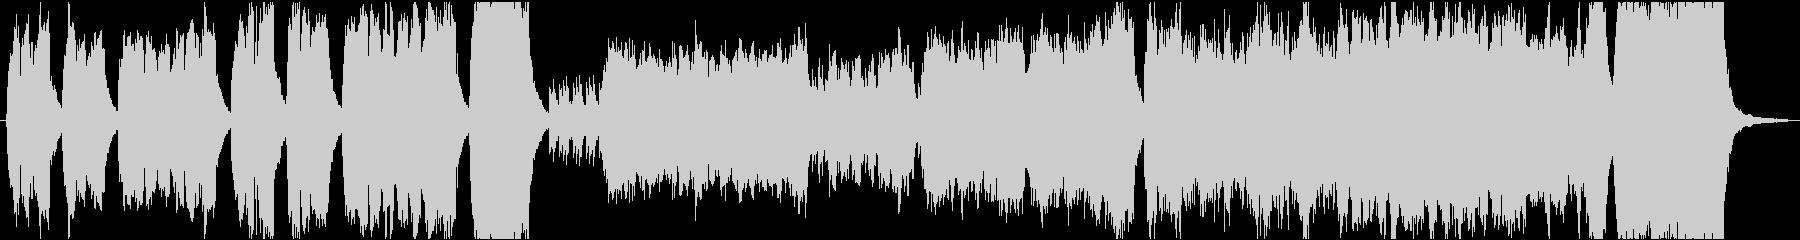 パイプオルガンの荘厳で壮大なBGMの未再生の波形